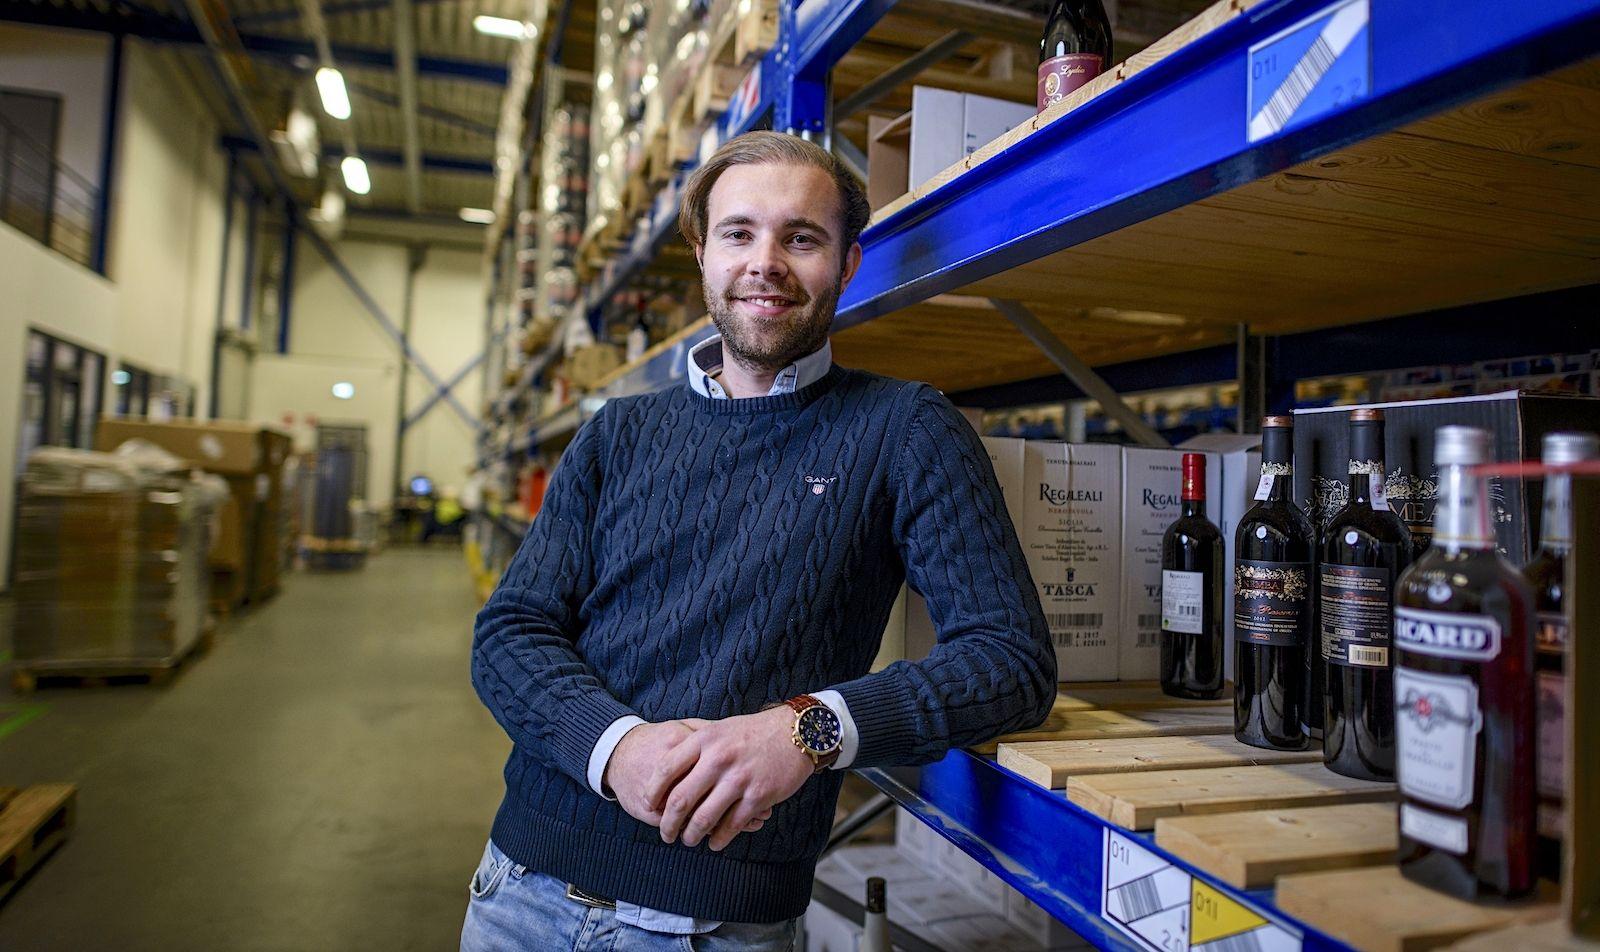 Butlon online supermarkt Alessio Pinna thuisbezorgd boodschappen Enschede